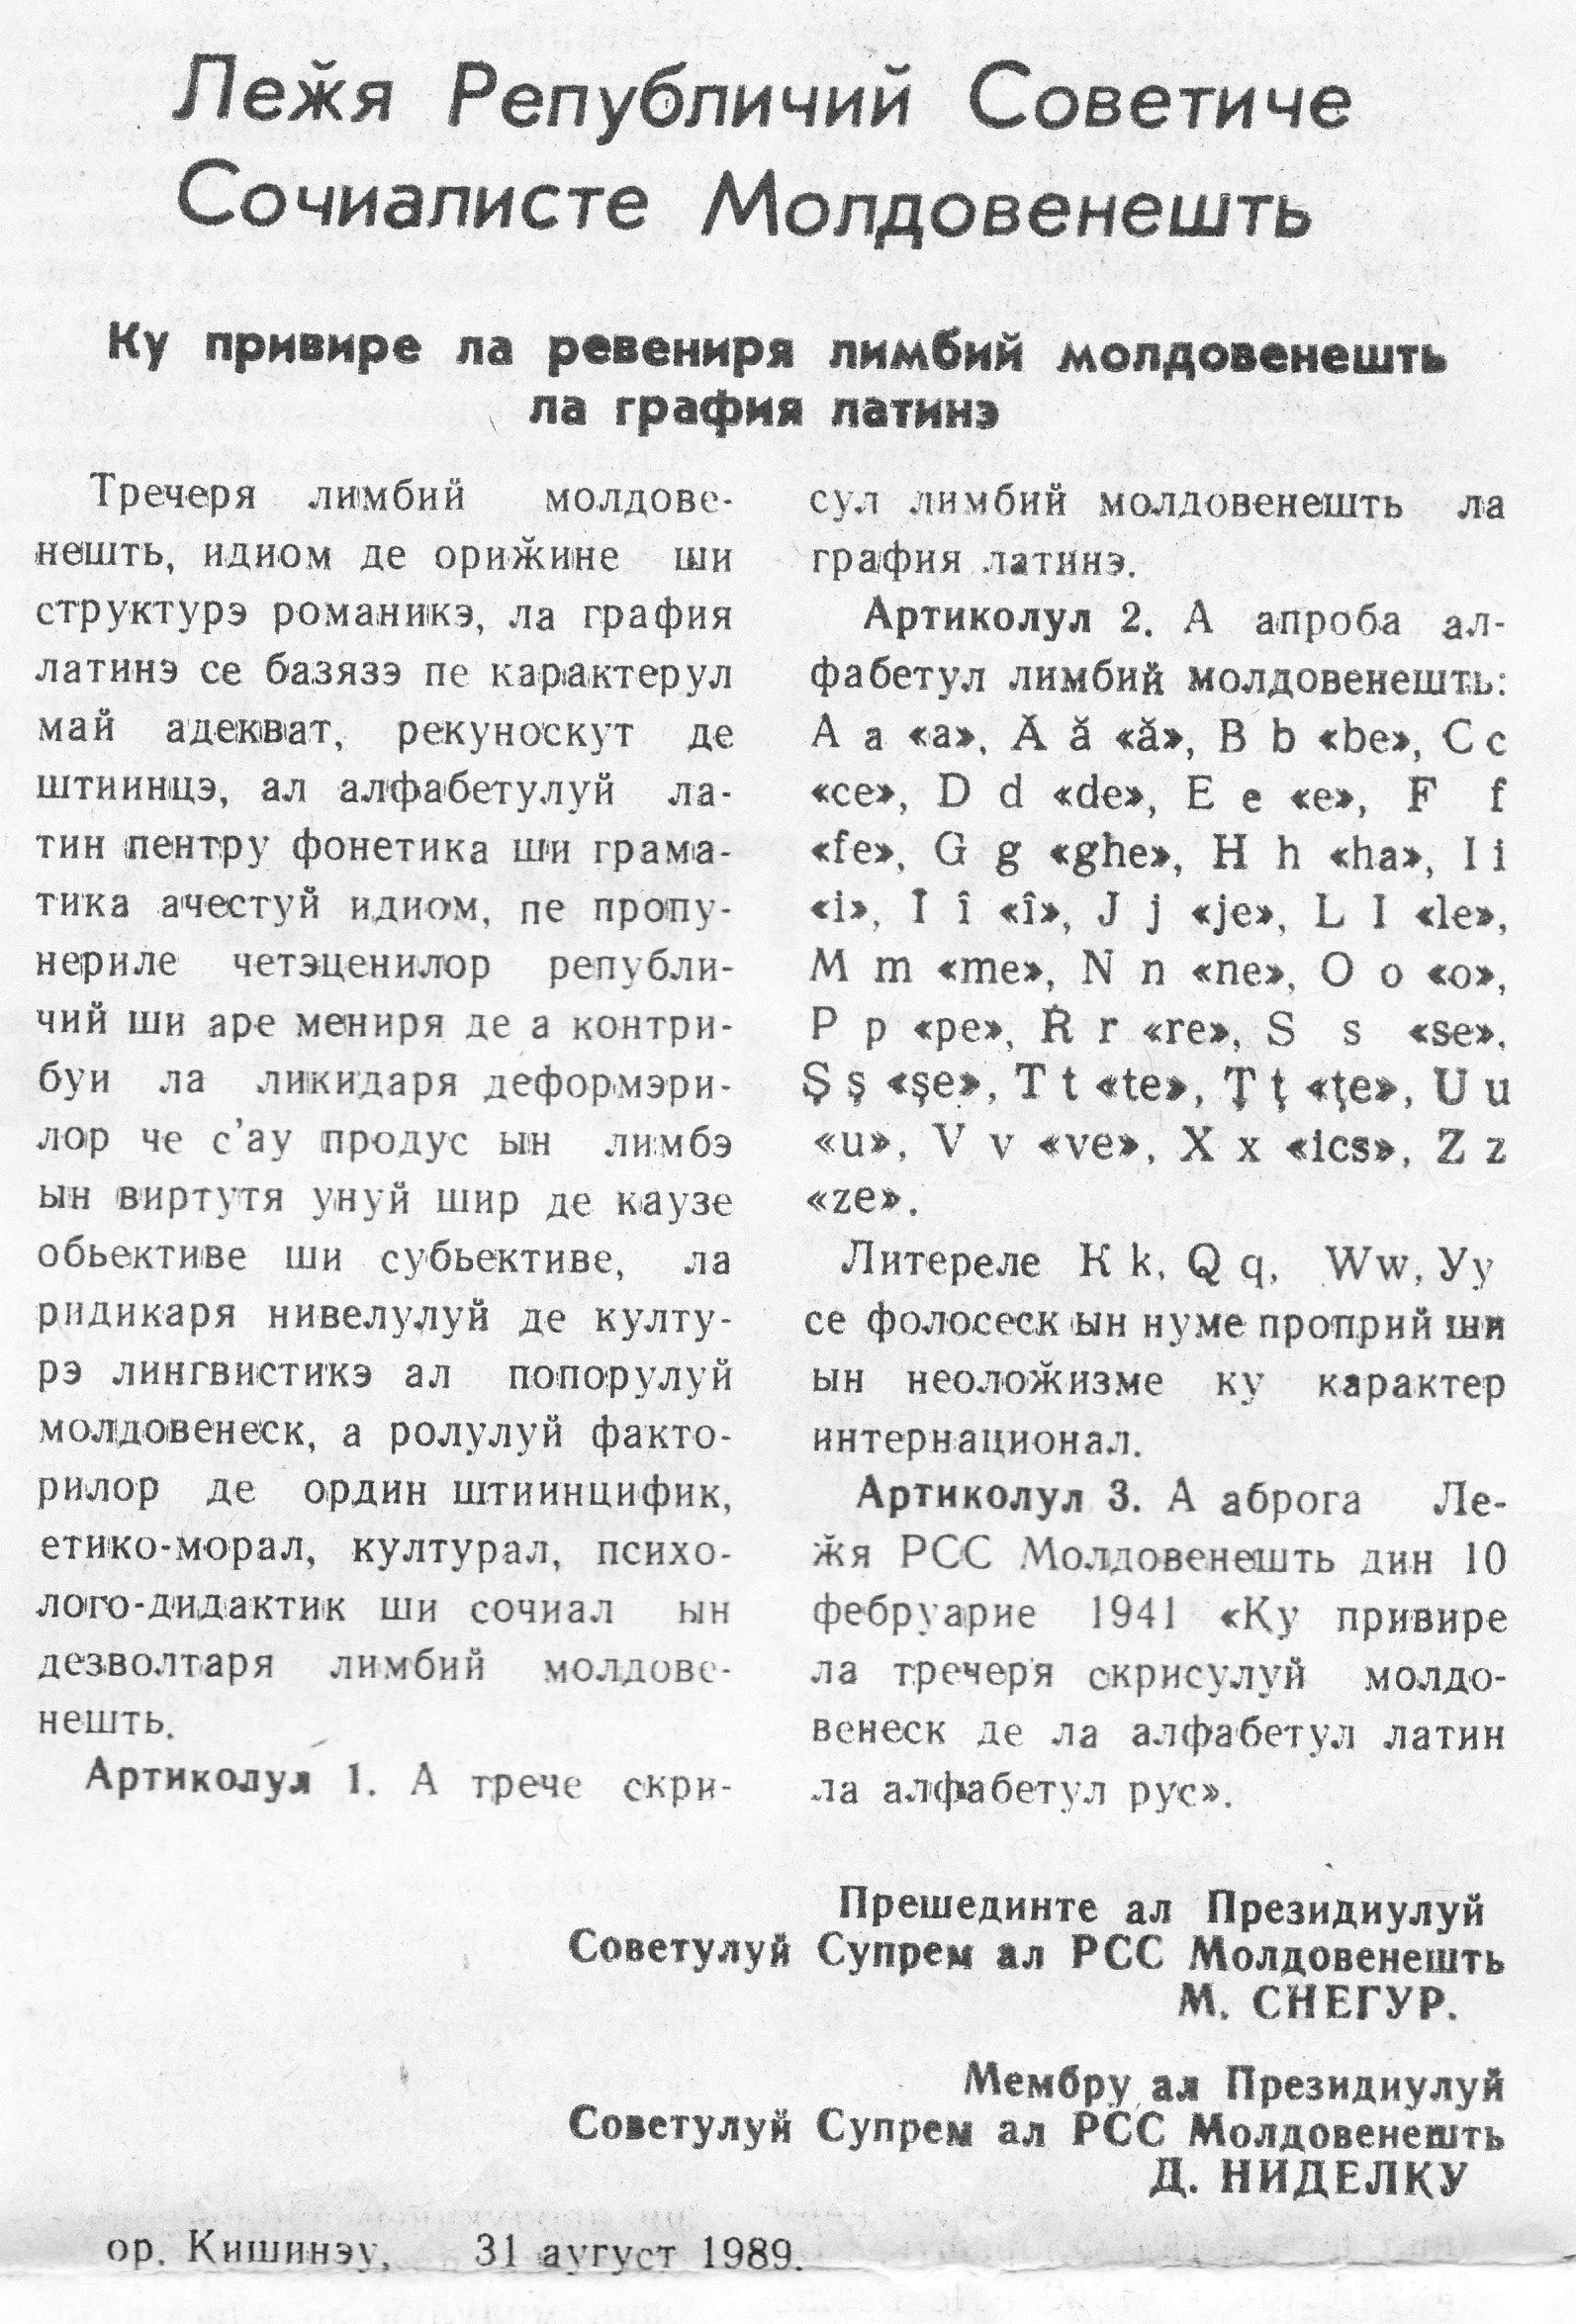 """Legea despre trecerea la alfabetul latin, publicată în """"Tinerimea Moldovei"""" din 6 septembrie 1989"""